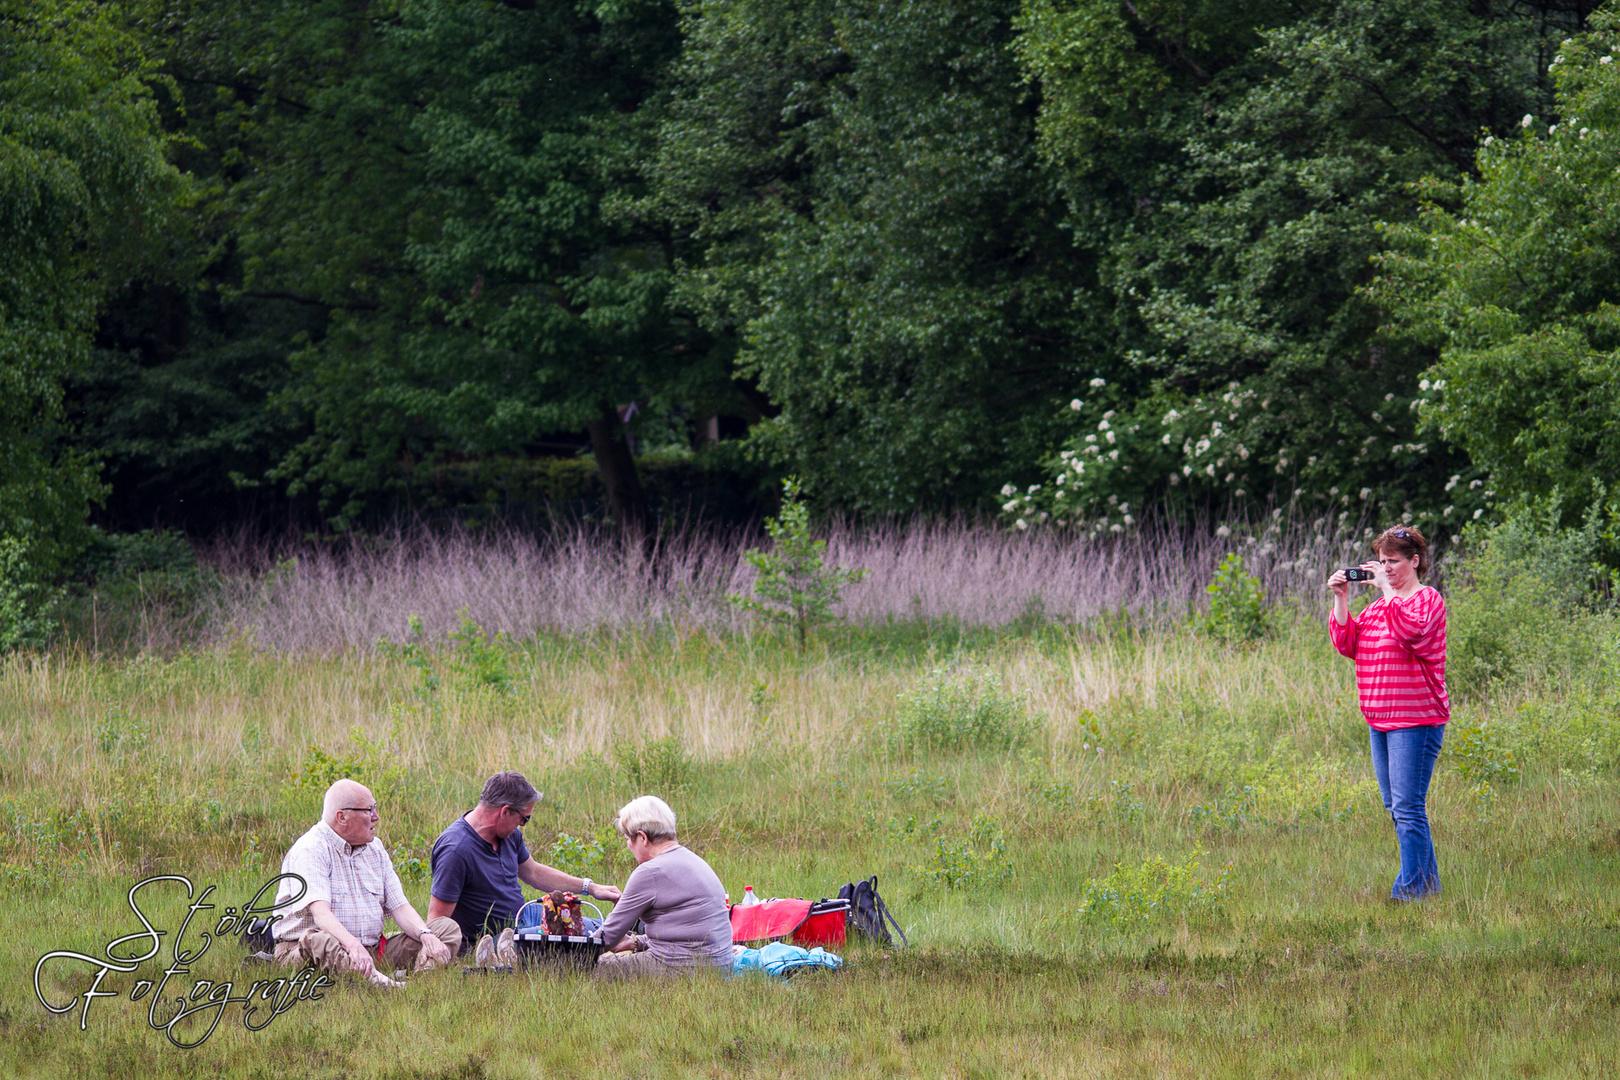 kleines Piknik im Grünen?